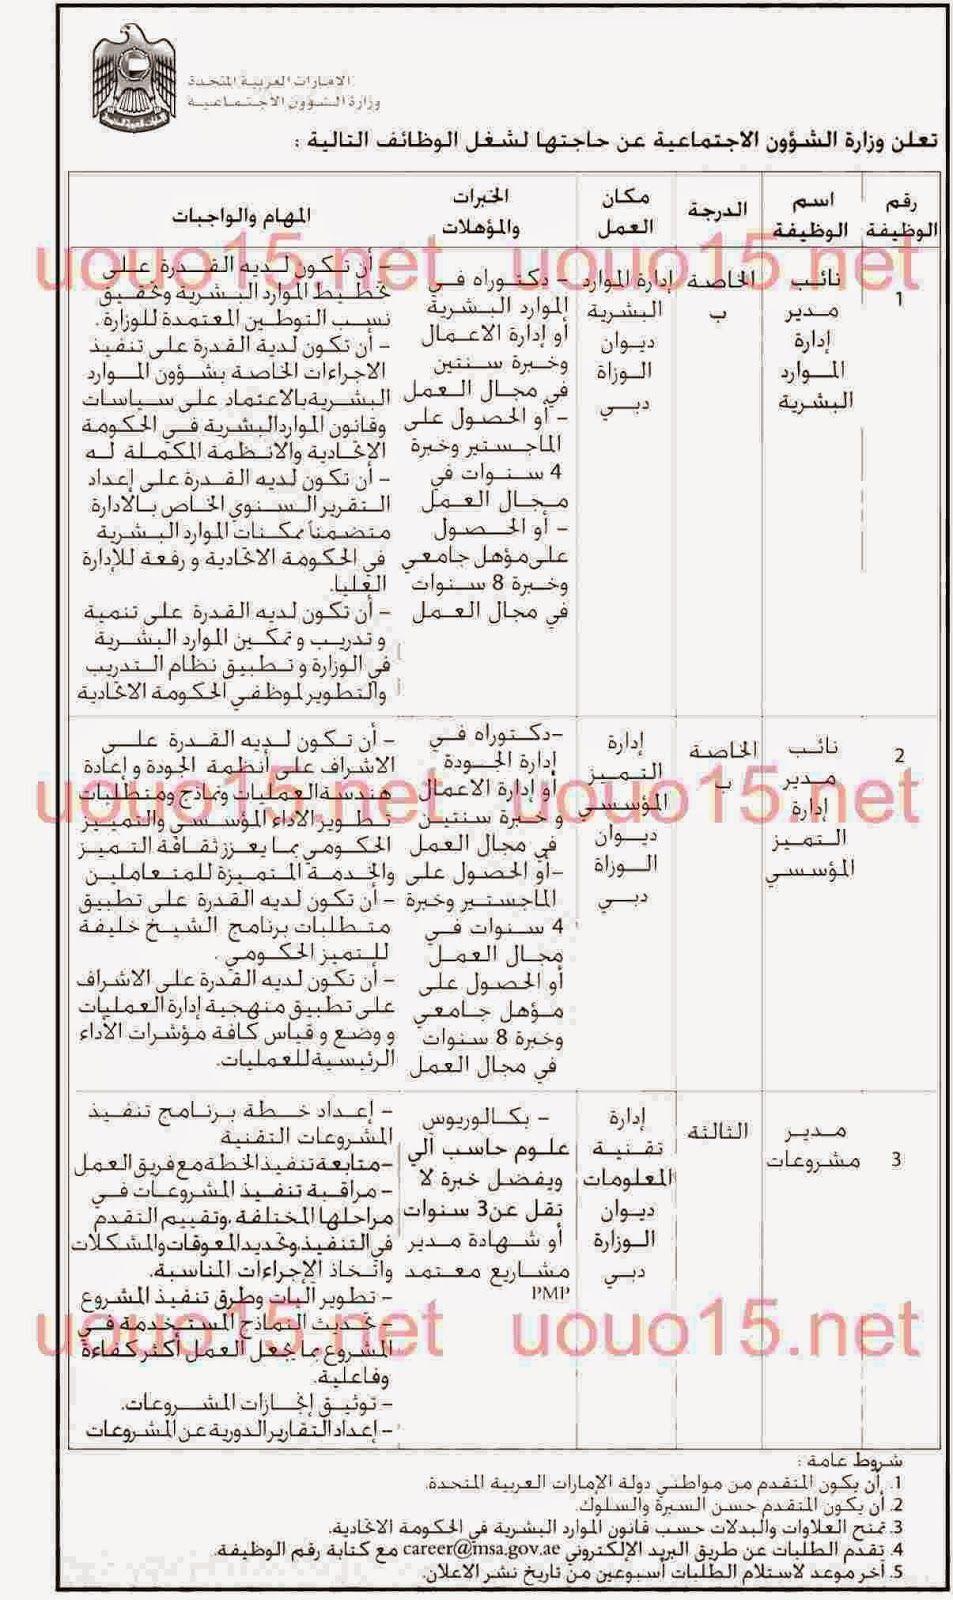 وظائف خاليه فى الامارات وظائف وزارة الشؤون الاجتماعية Blog Posts Blog Post